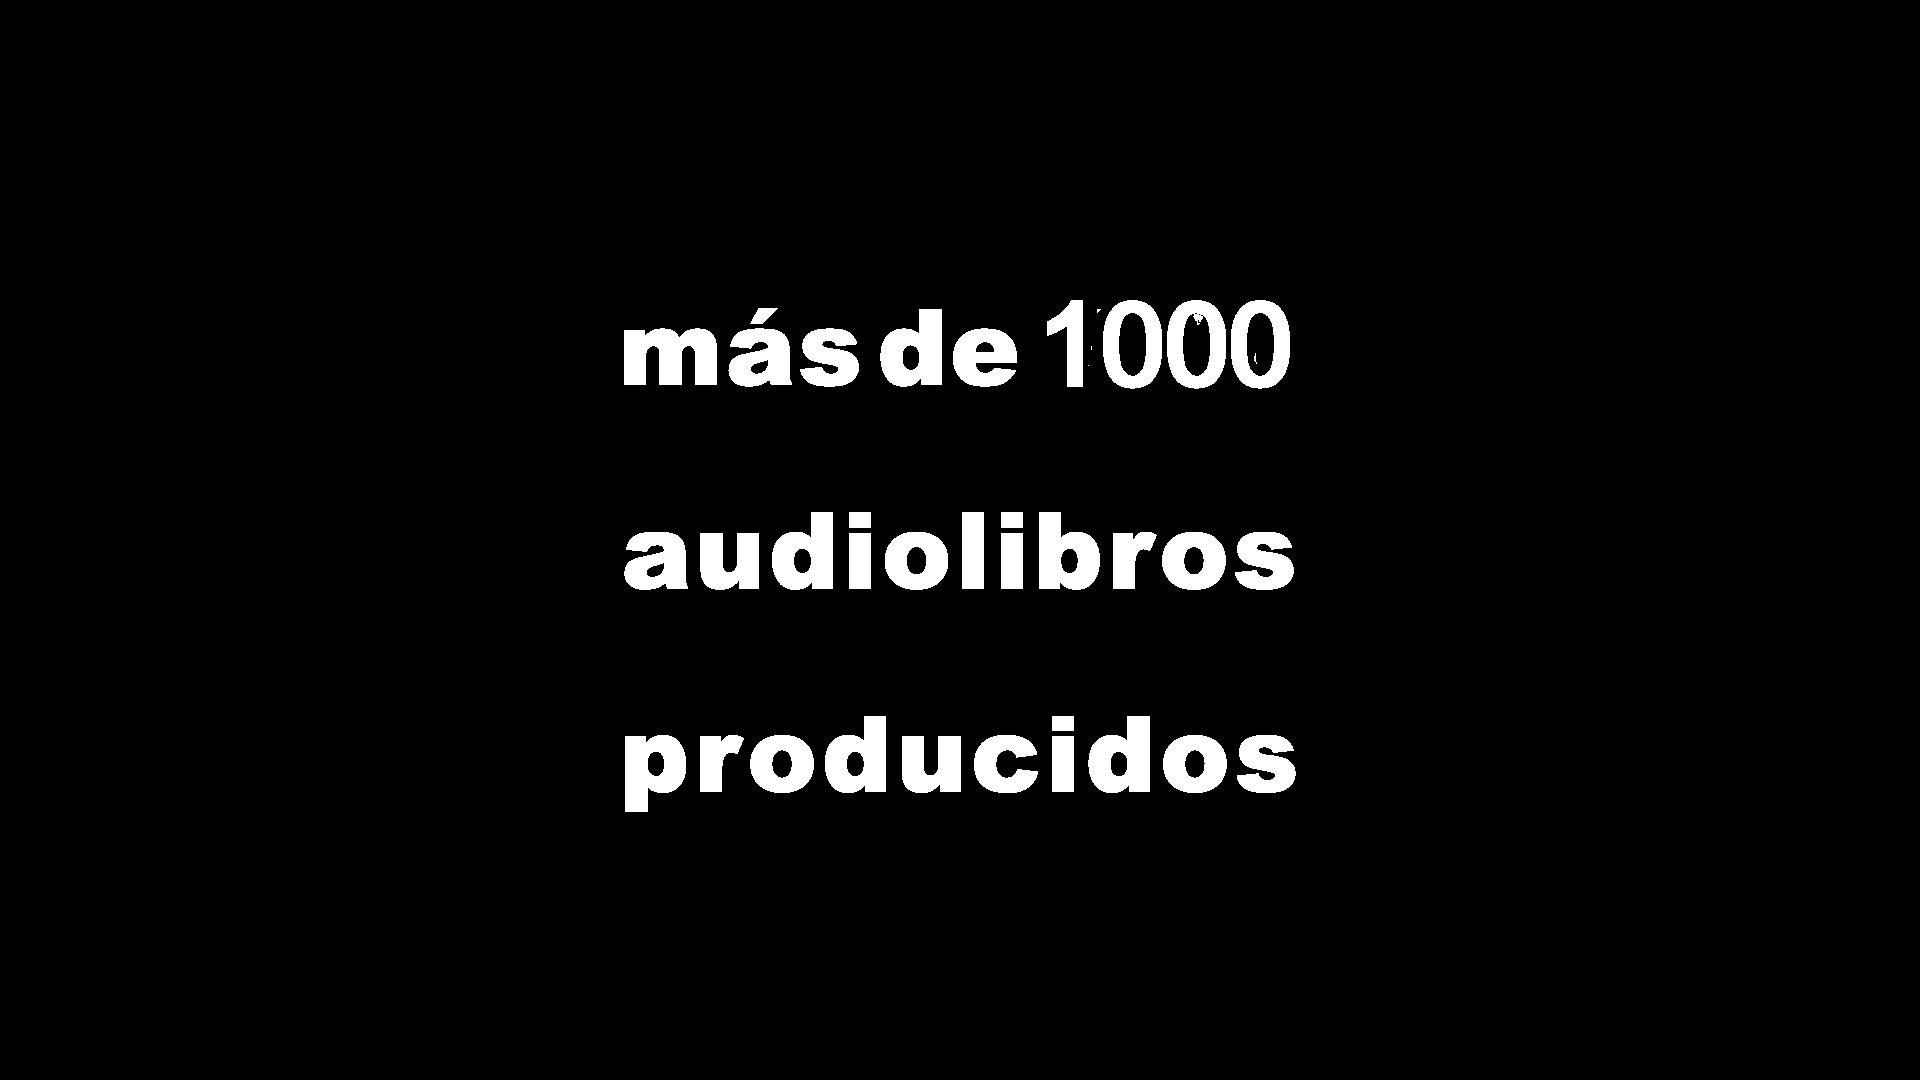 audiolibros_portada_1000_3